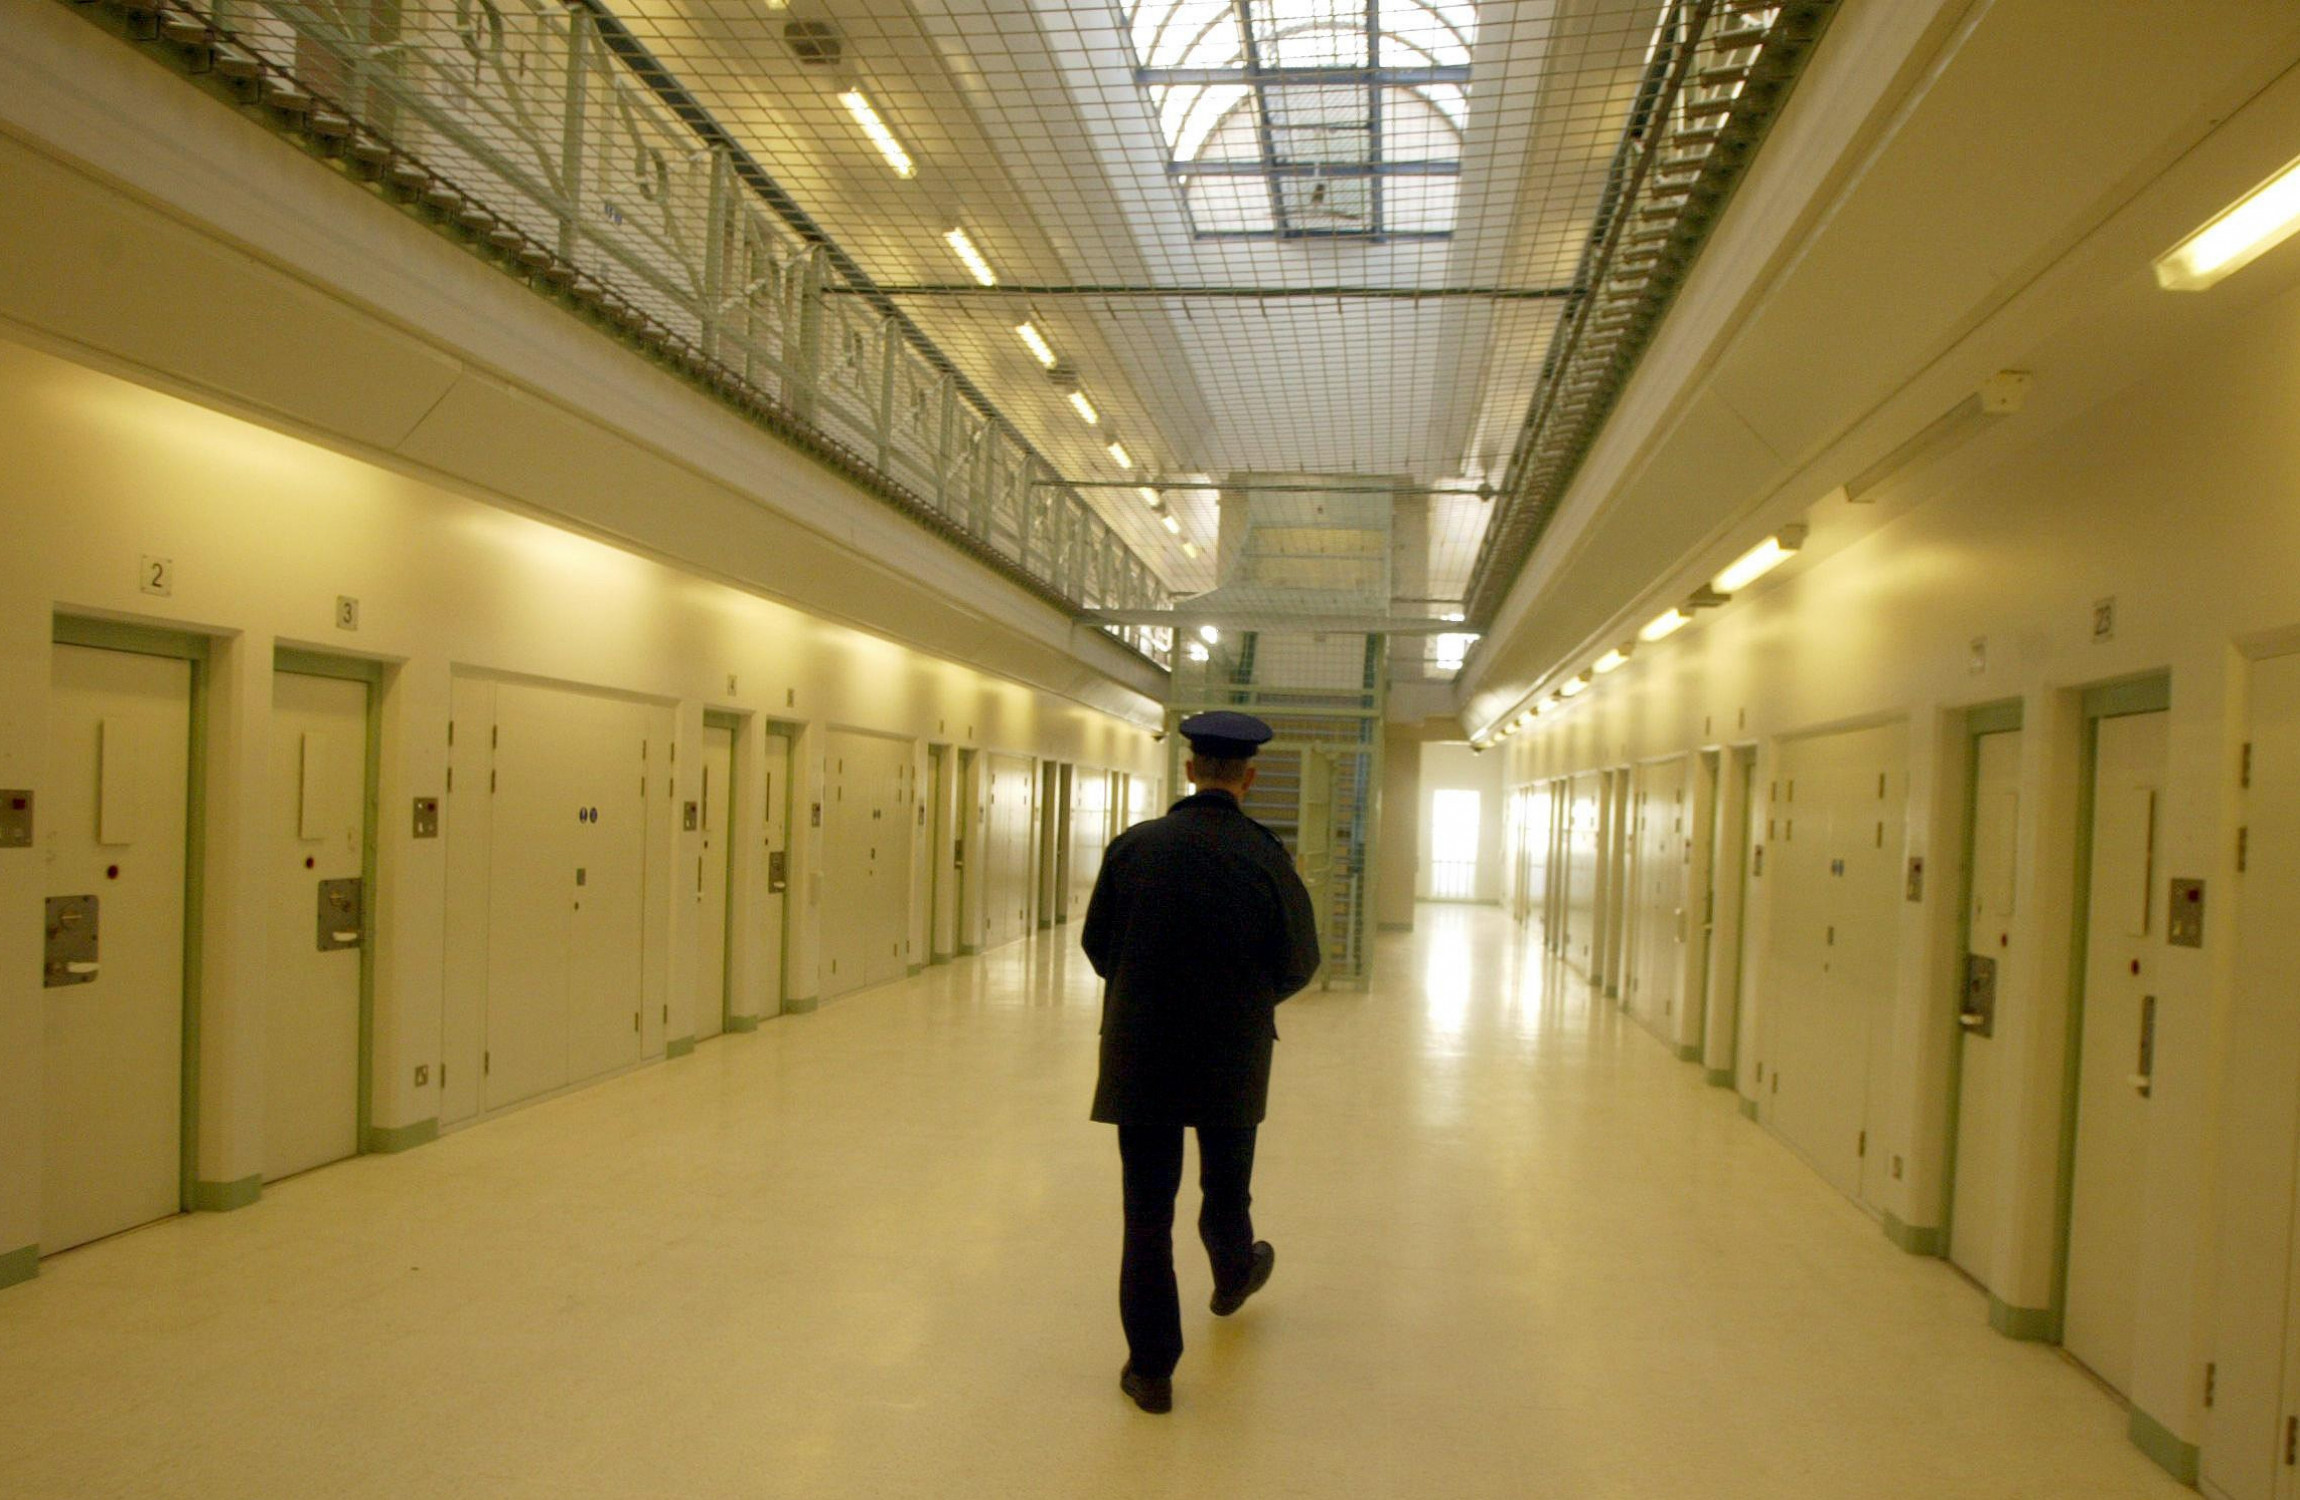 Prison officer arrested on suspicion of drug smuggling